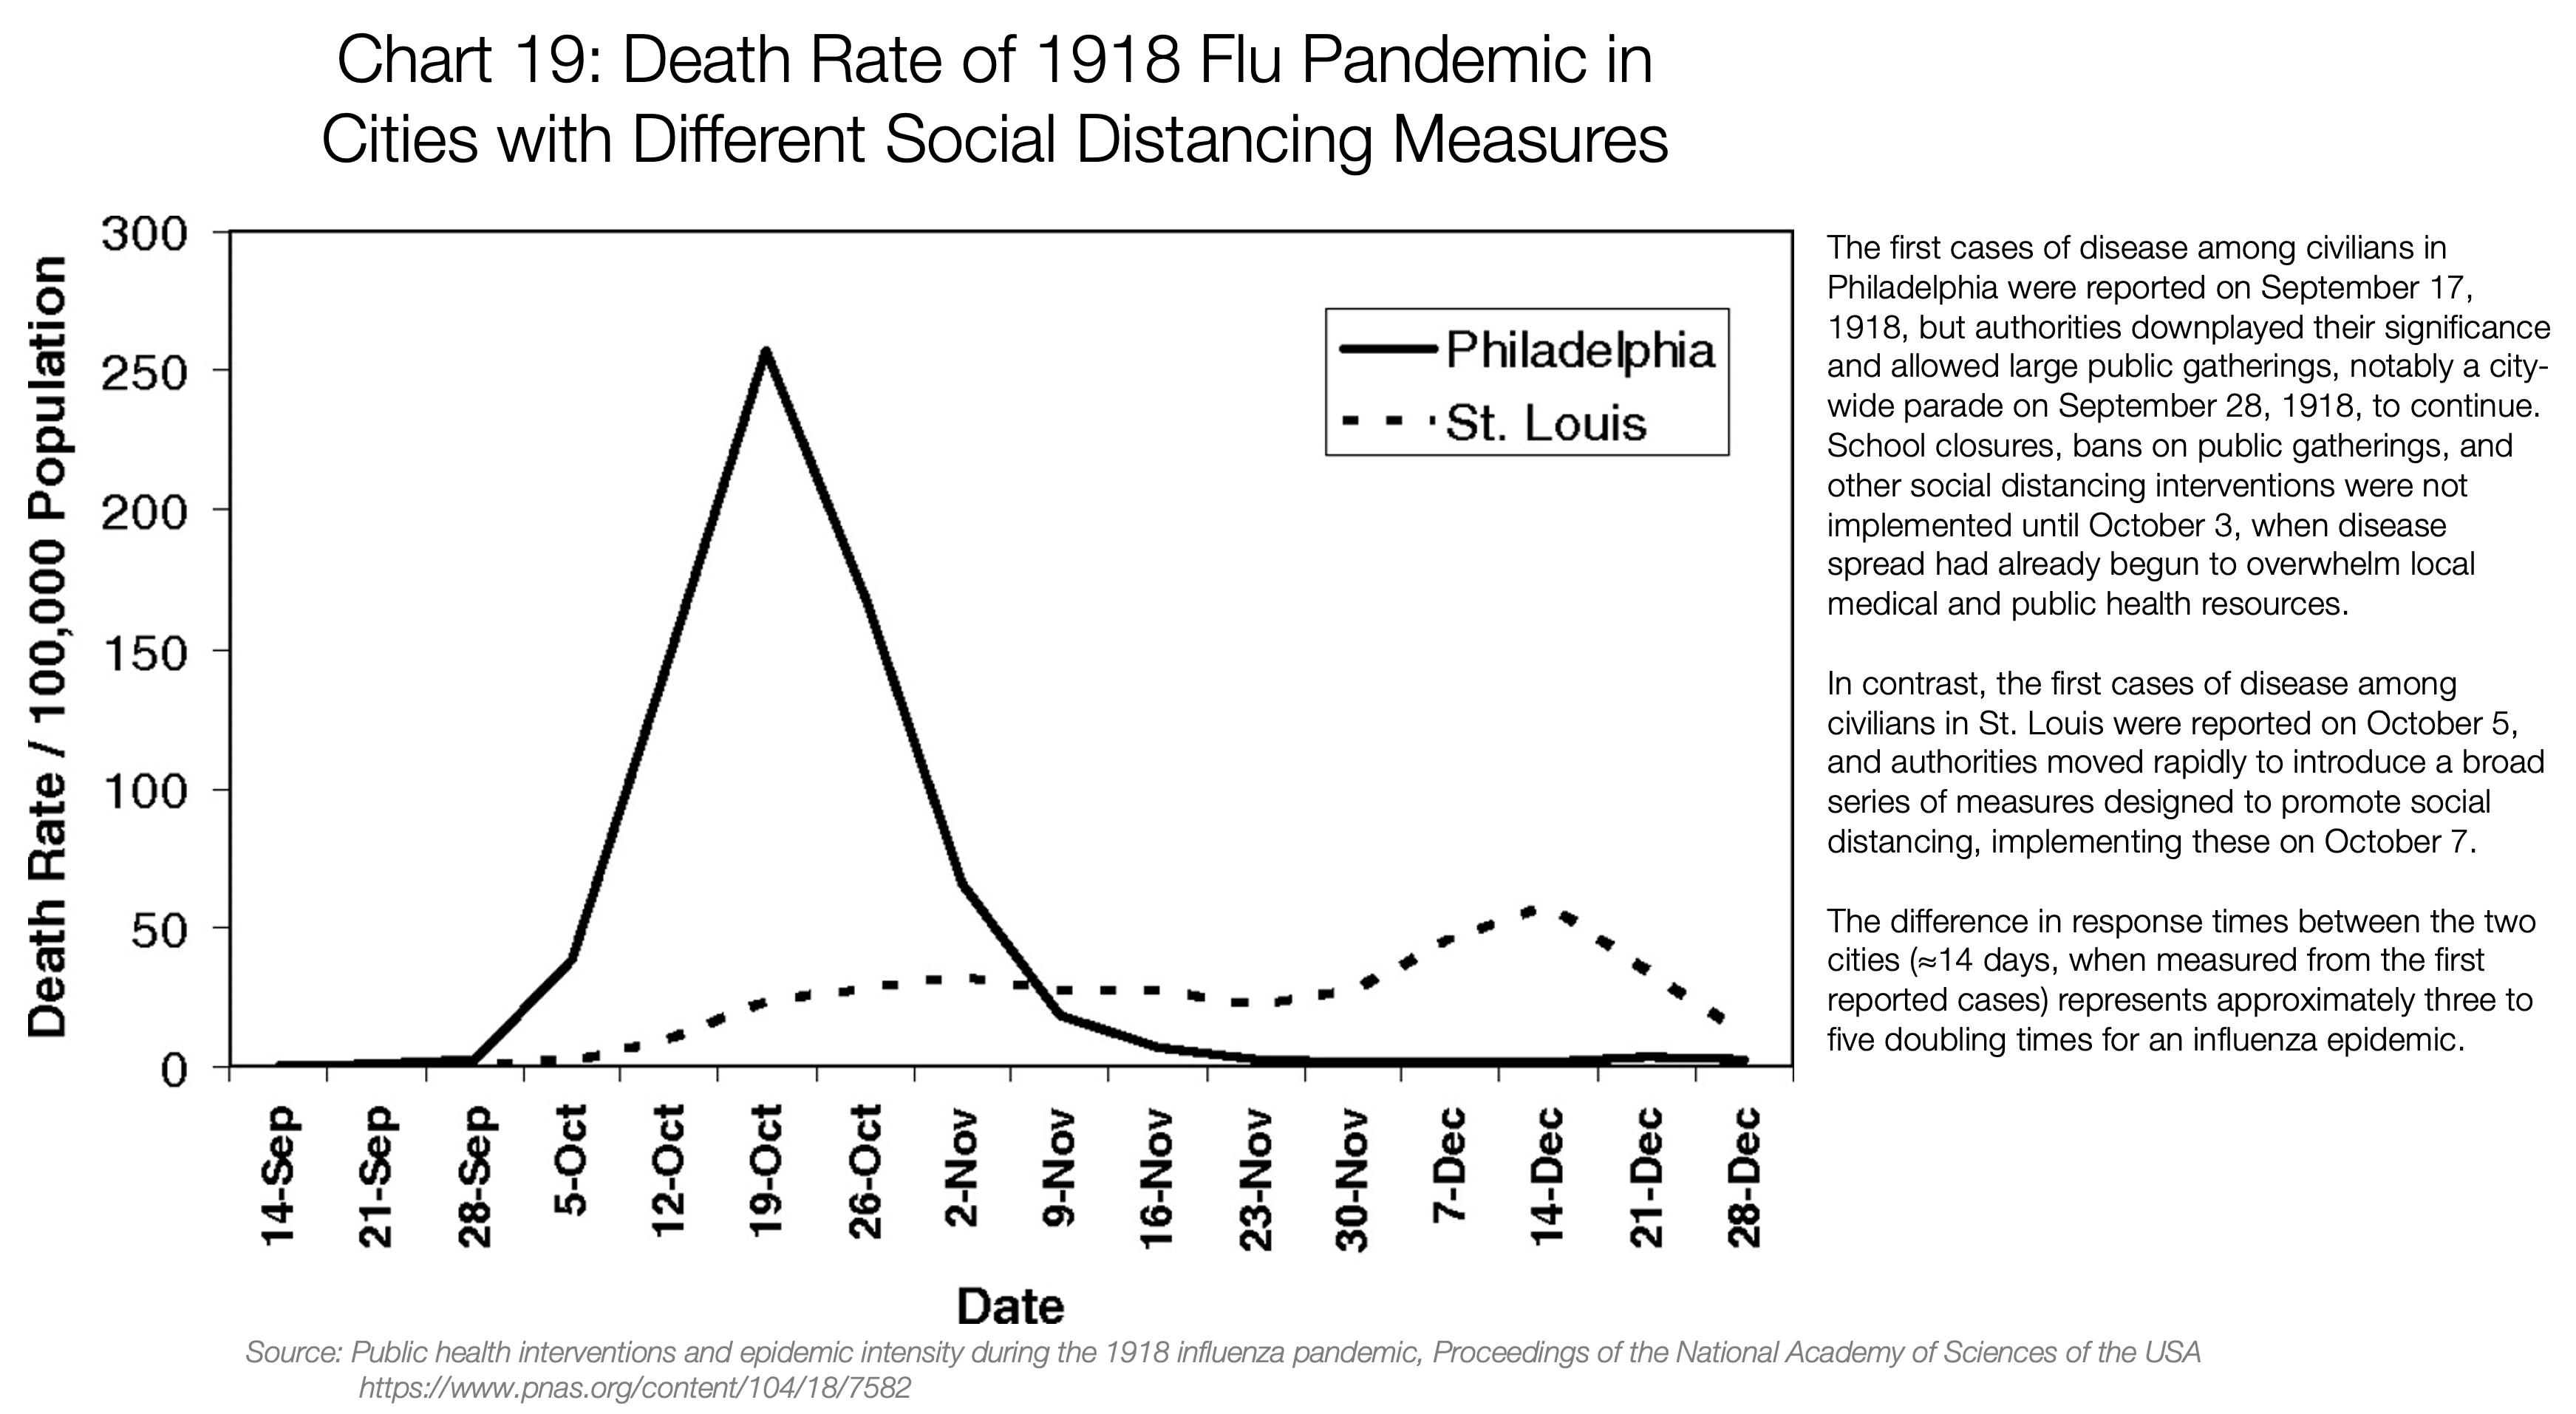 نرخ مرگ و میر در شهرهای مختلف در آنفولانزای سال ۱۹۱۸